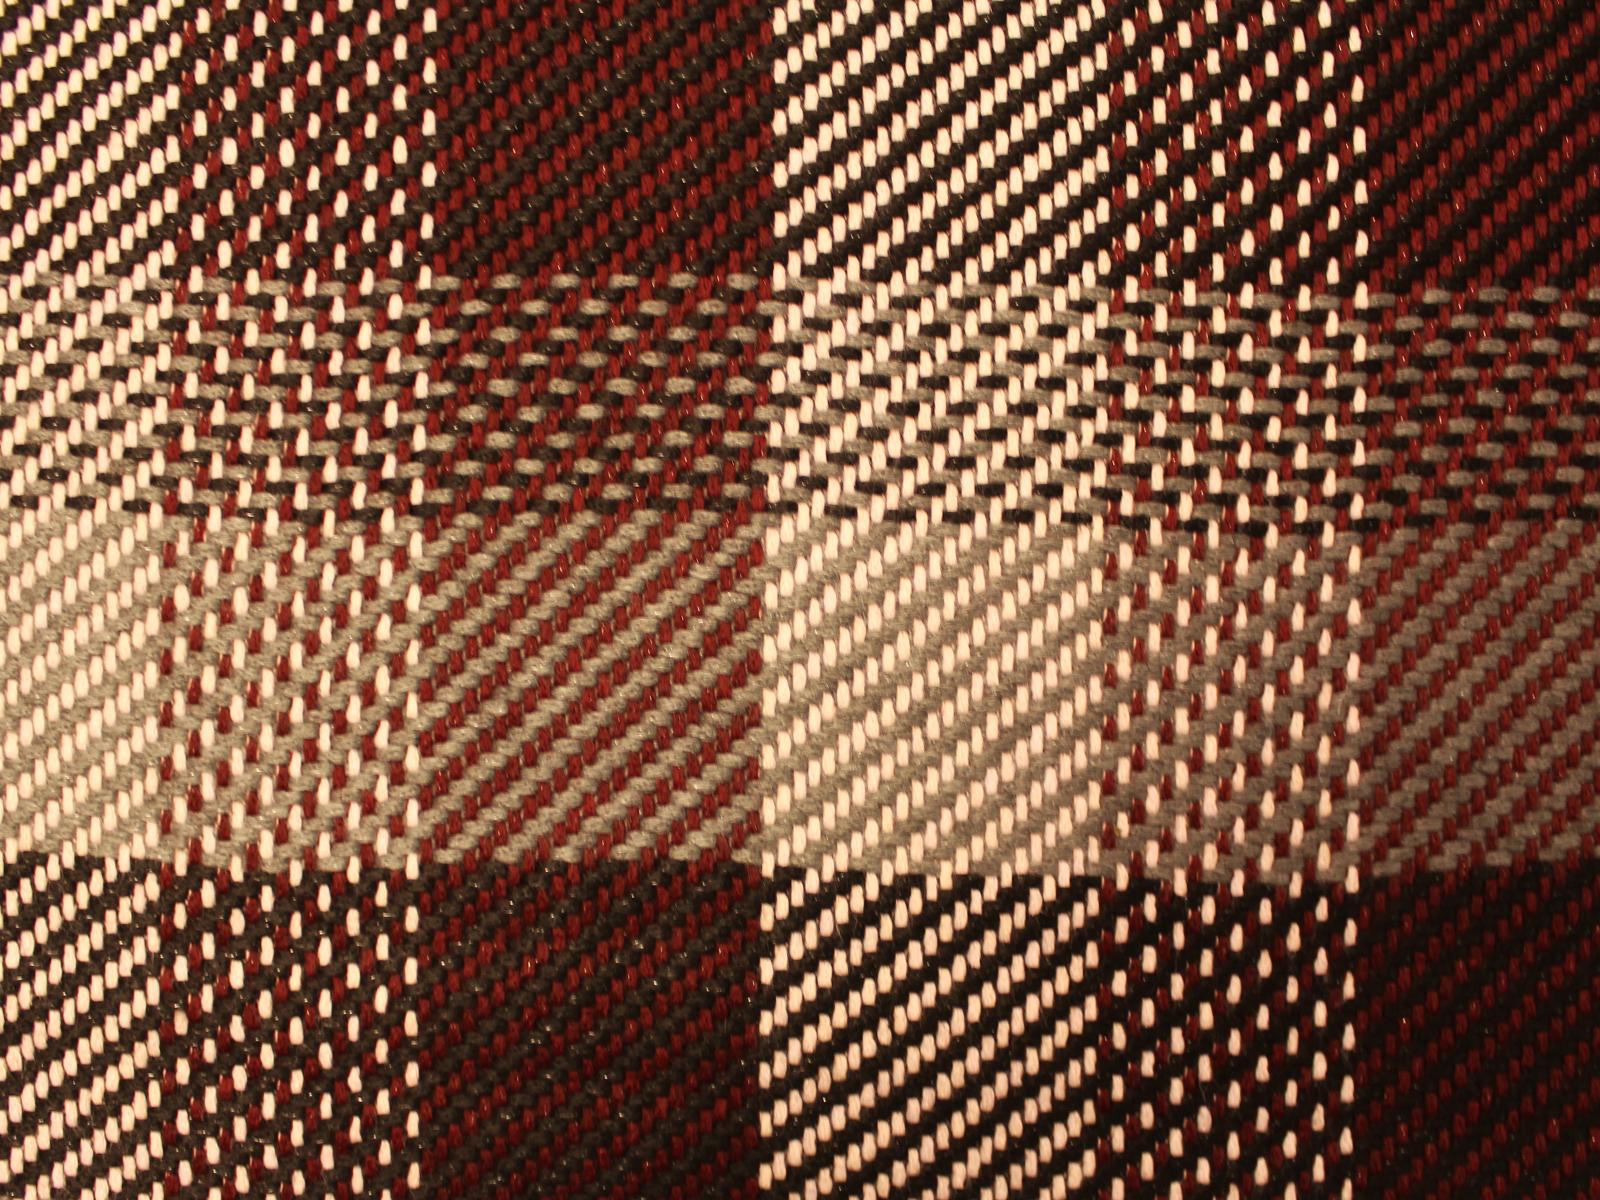 00313 Scacco Matto   lana da mantella